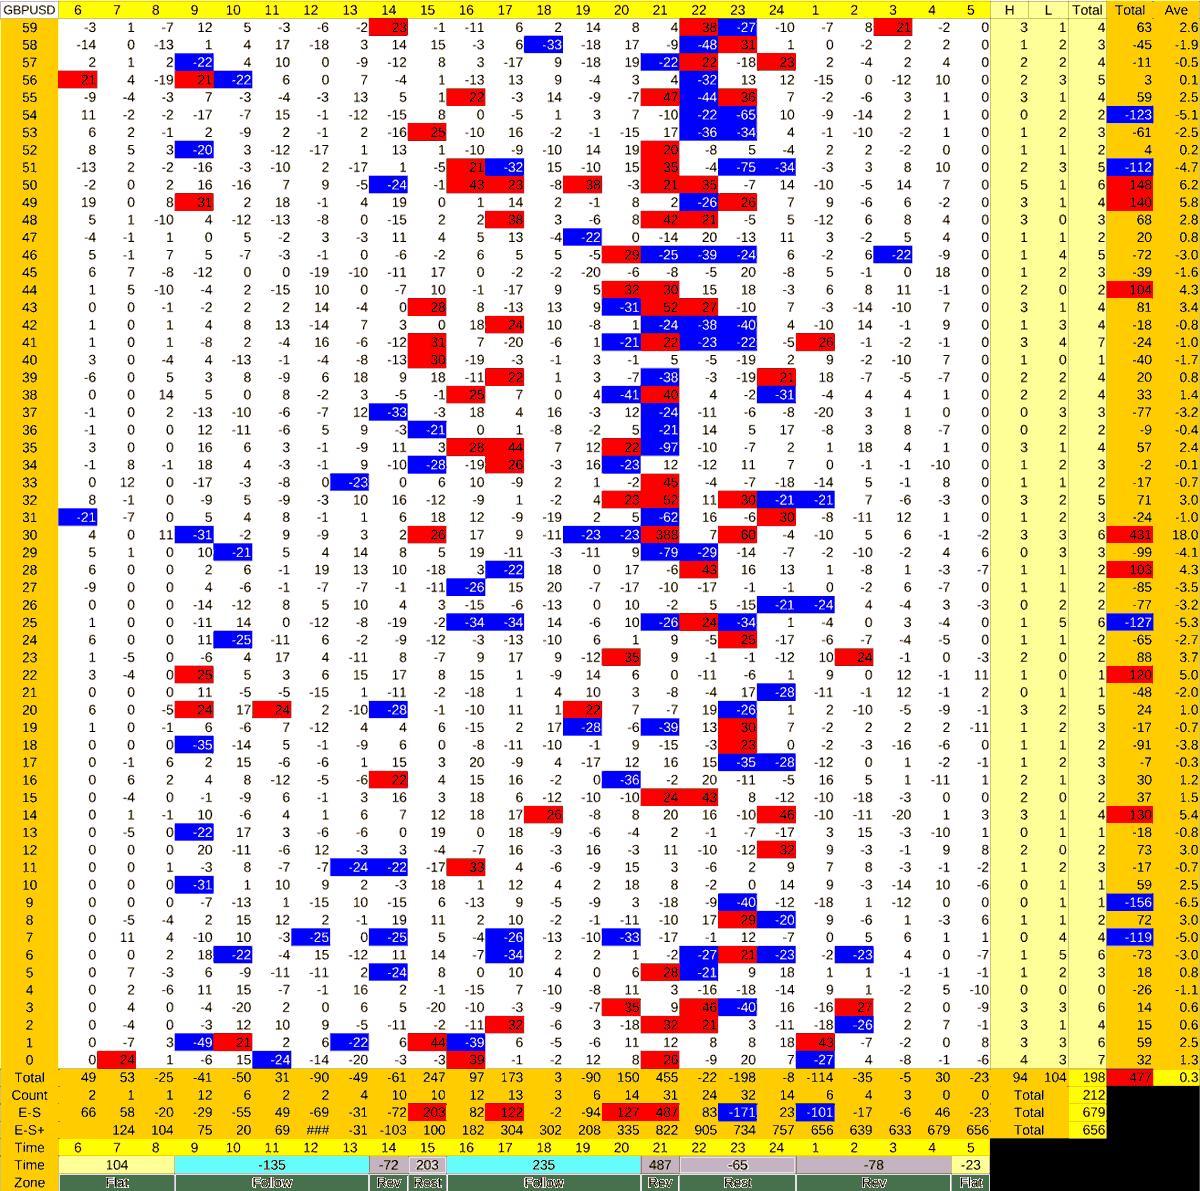 20210604_HS(2)GBPUSD